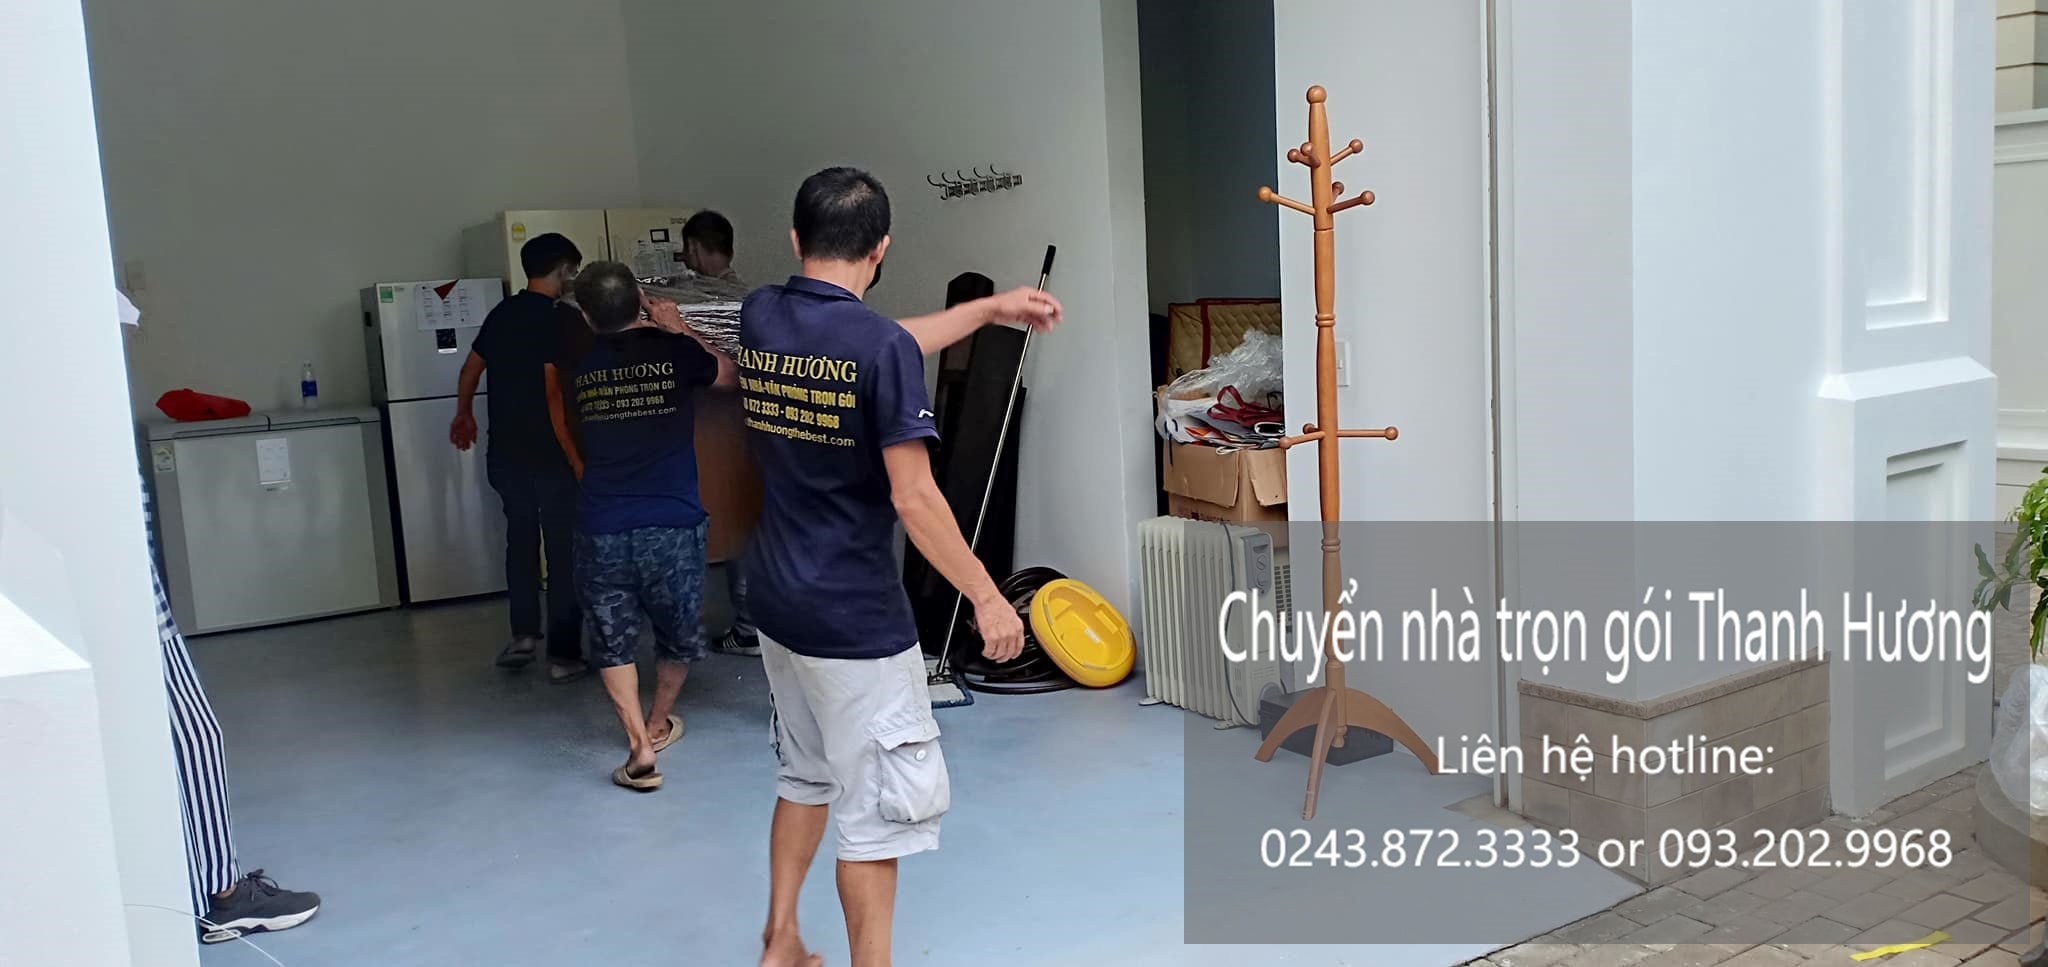 Chuyển nhà chất lượng Thanh Hương đường Tân Thụy